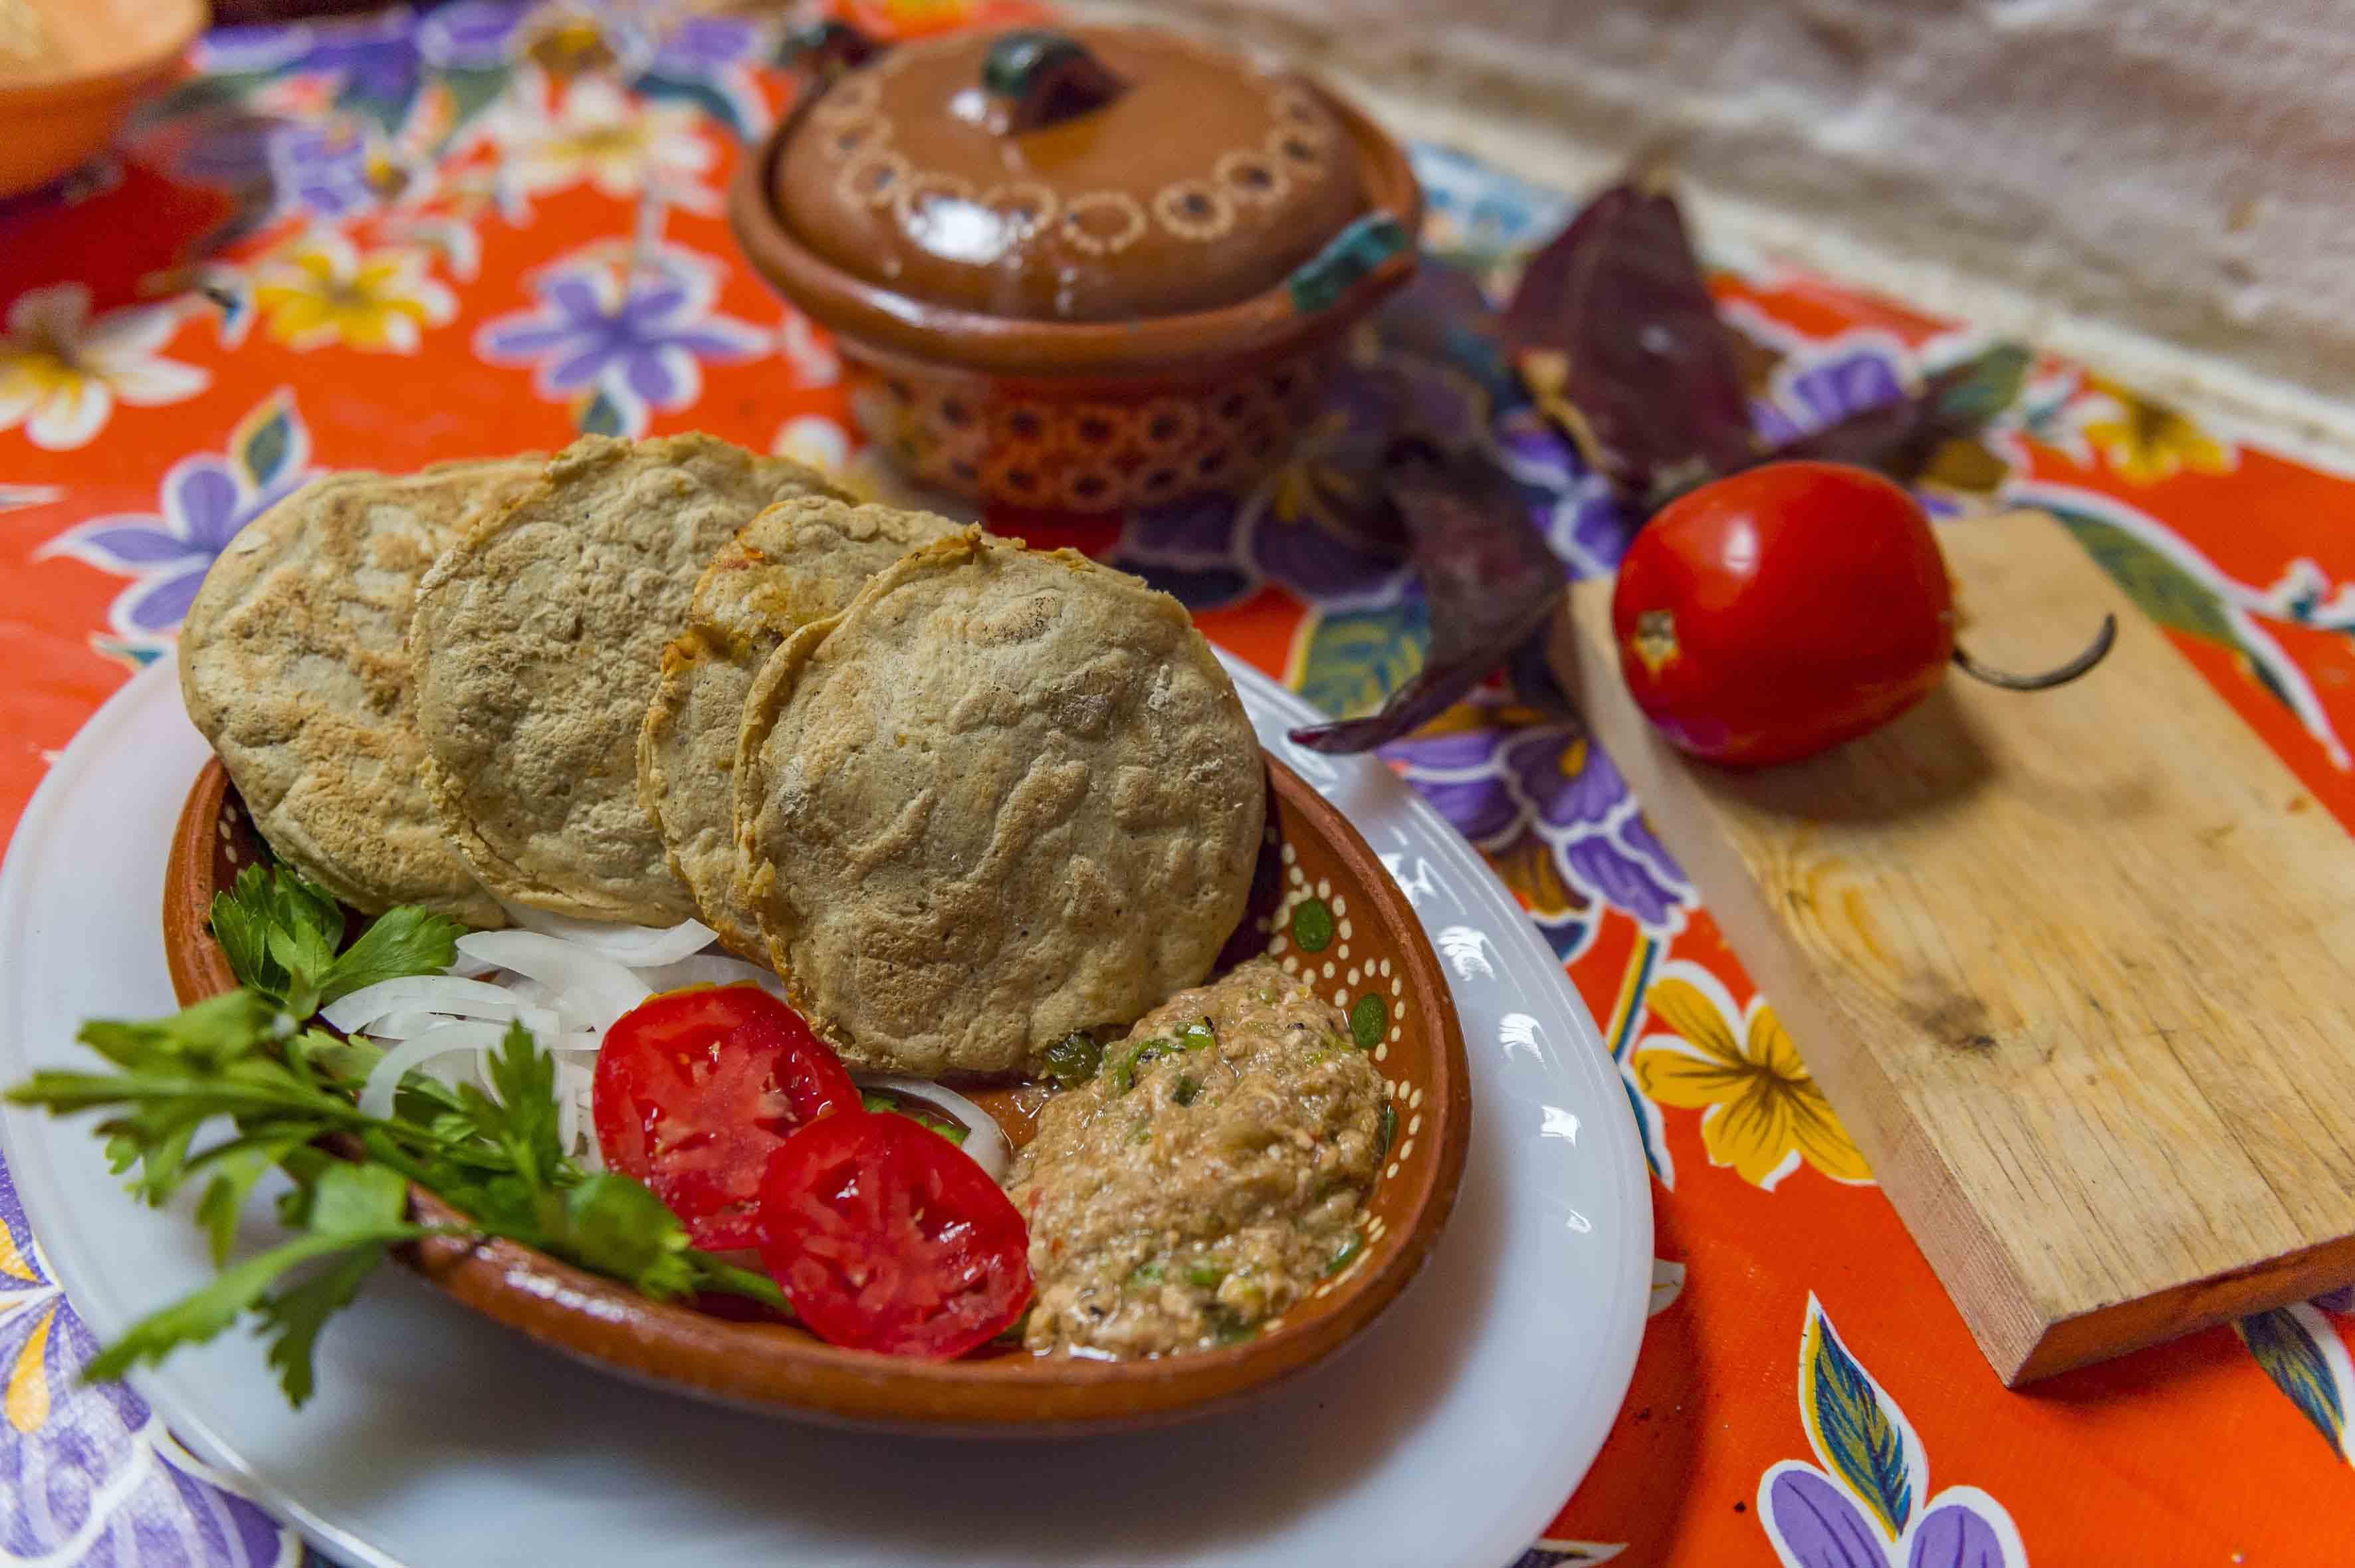 Platillo típico del municipio de Mixtlán, Jalisco, siendo el hongo el ingrediente principal.